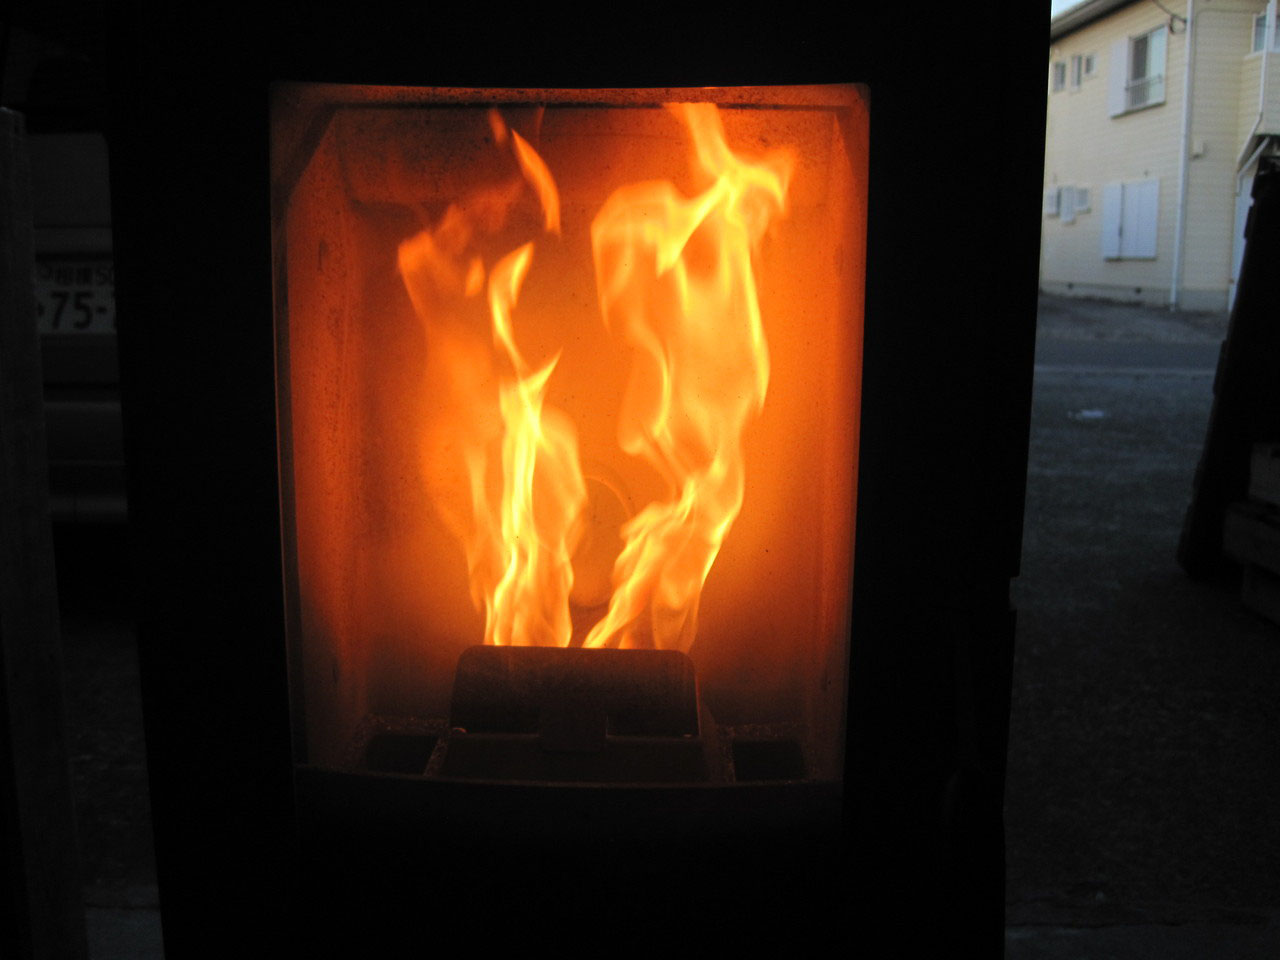 完全 は 不 燃焼 と 青かったガスコンロの火が赤くなってる!?その原因は一体・・・?